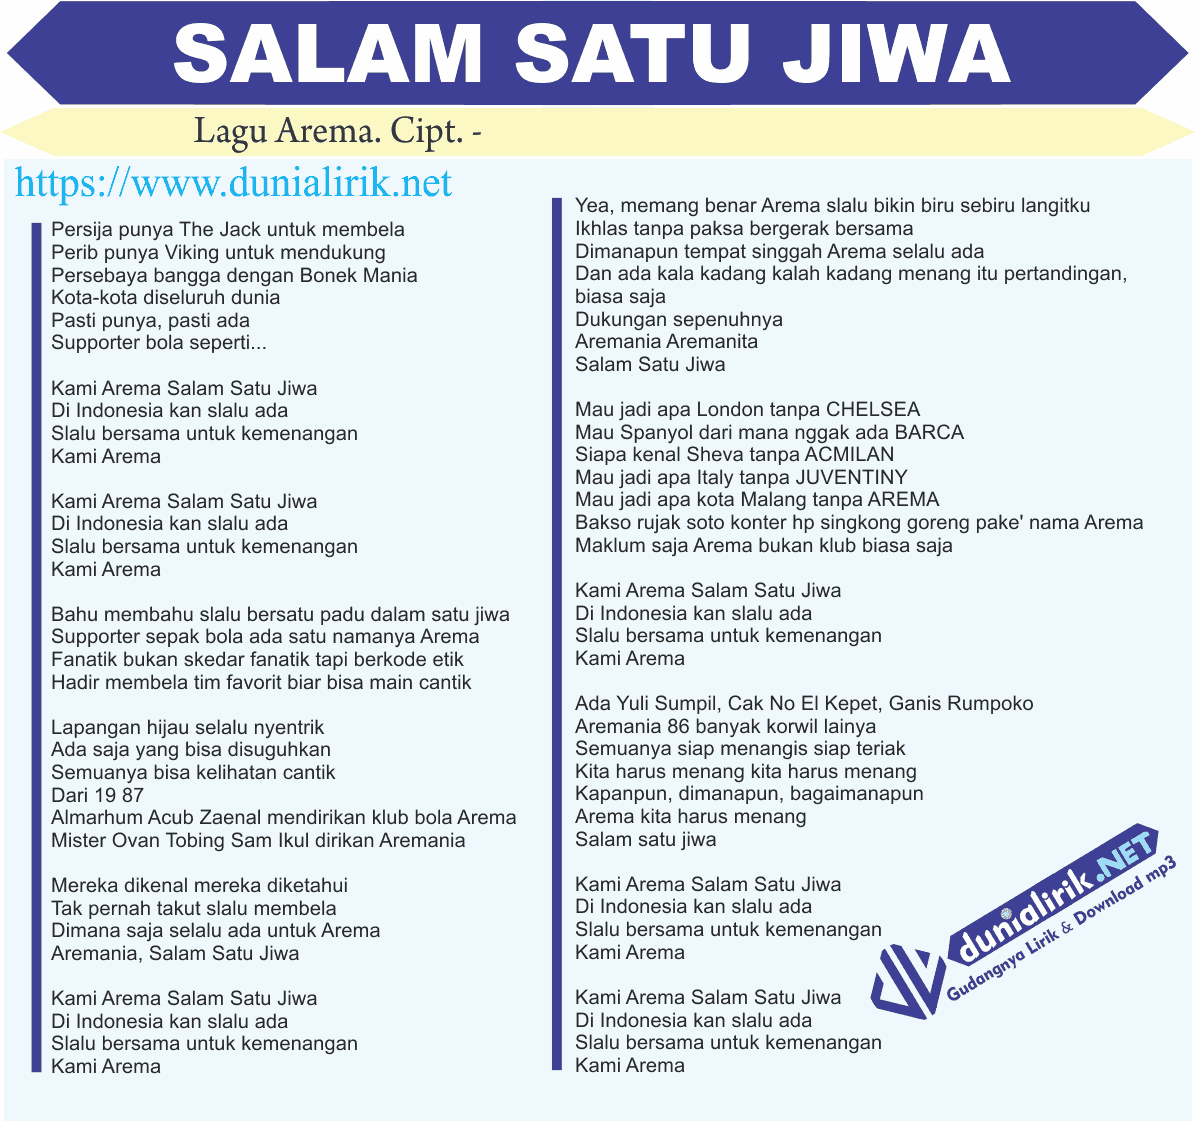 Download Lagu Deen Assalam: Lirik Lagu Arema Salam Satu Jiwa (Sasaji)